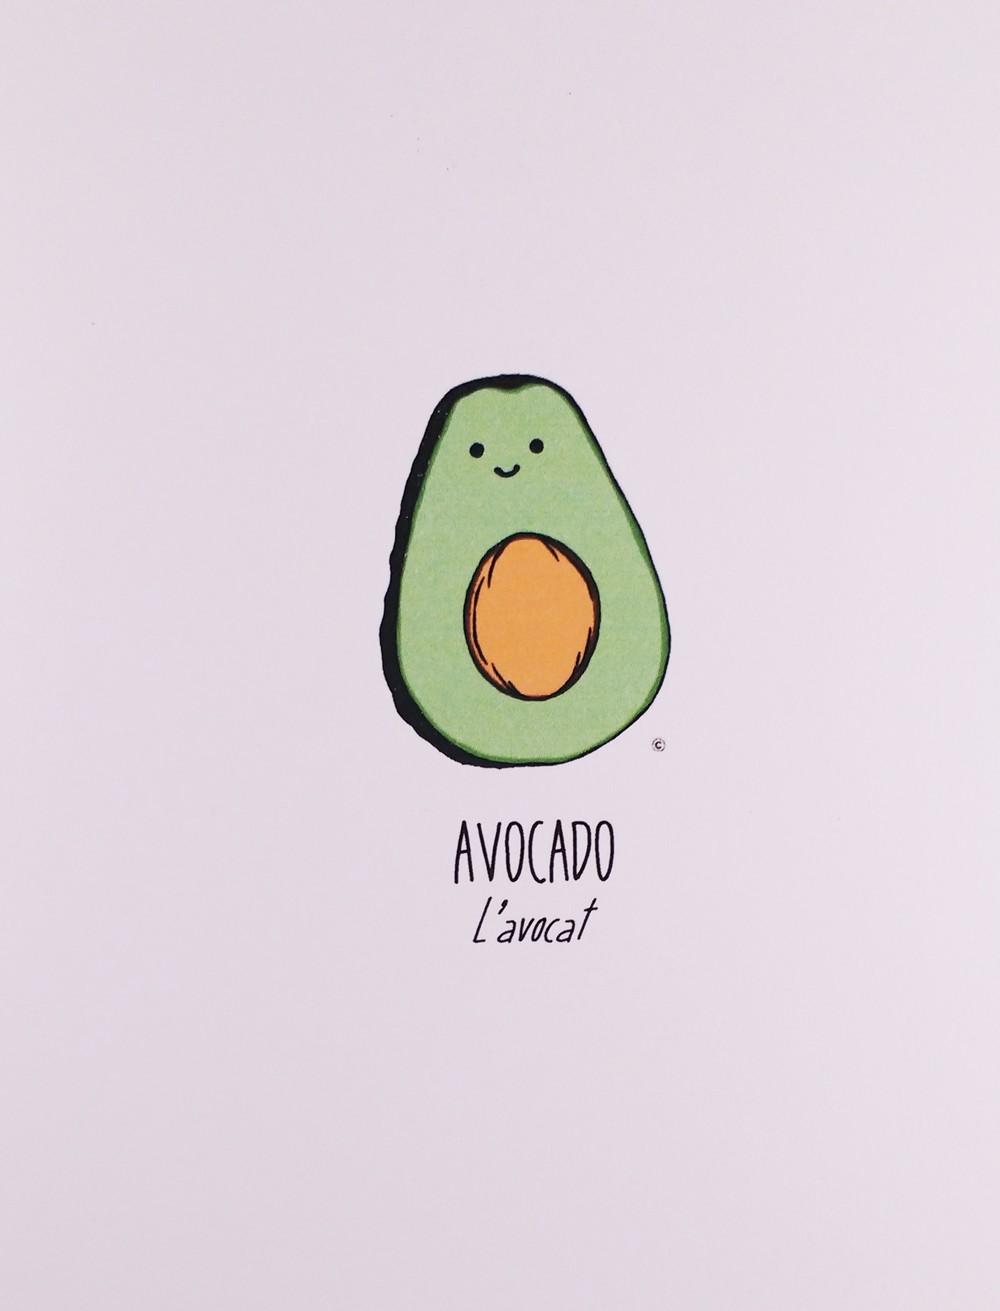 The Avocado Collection